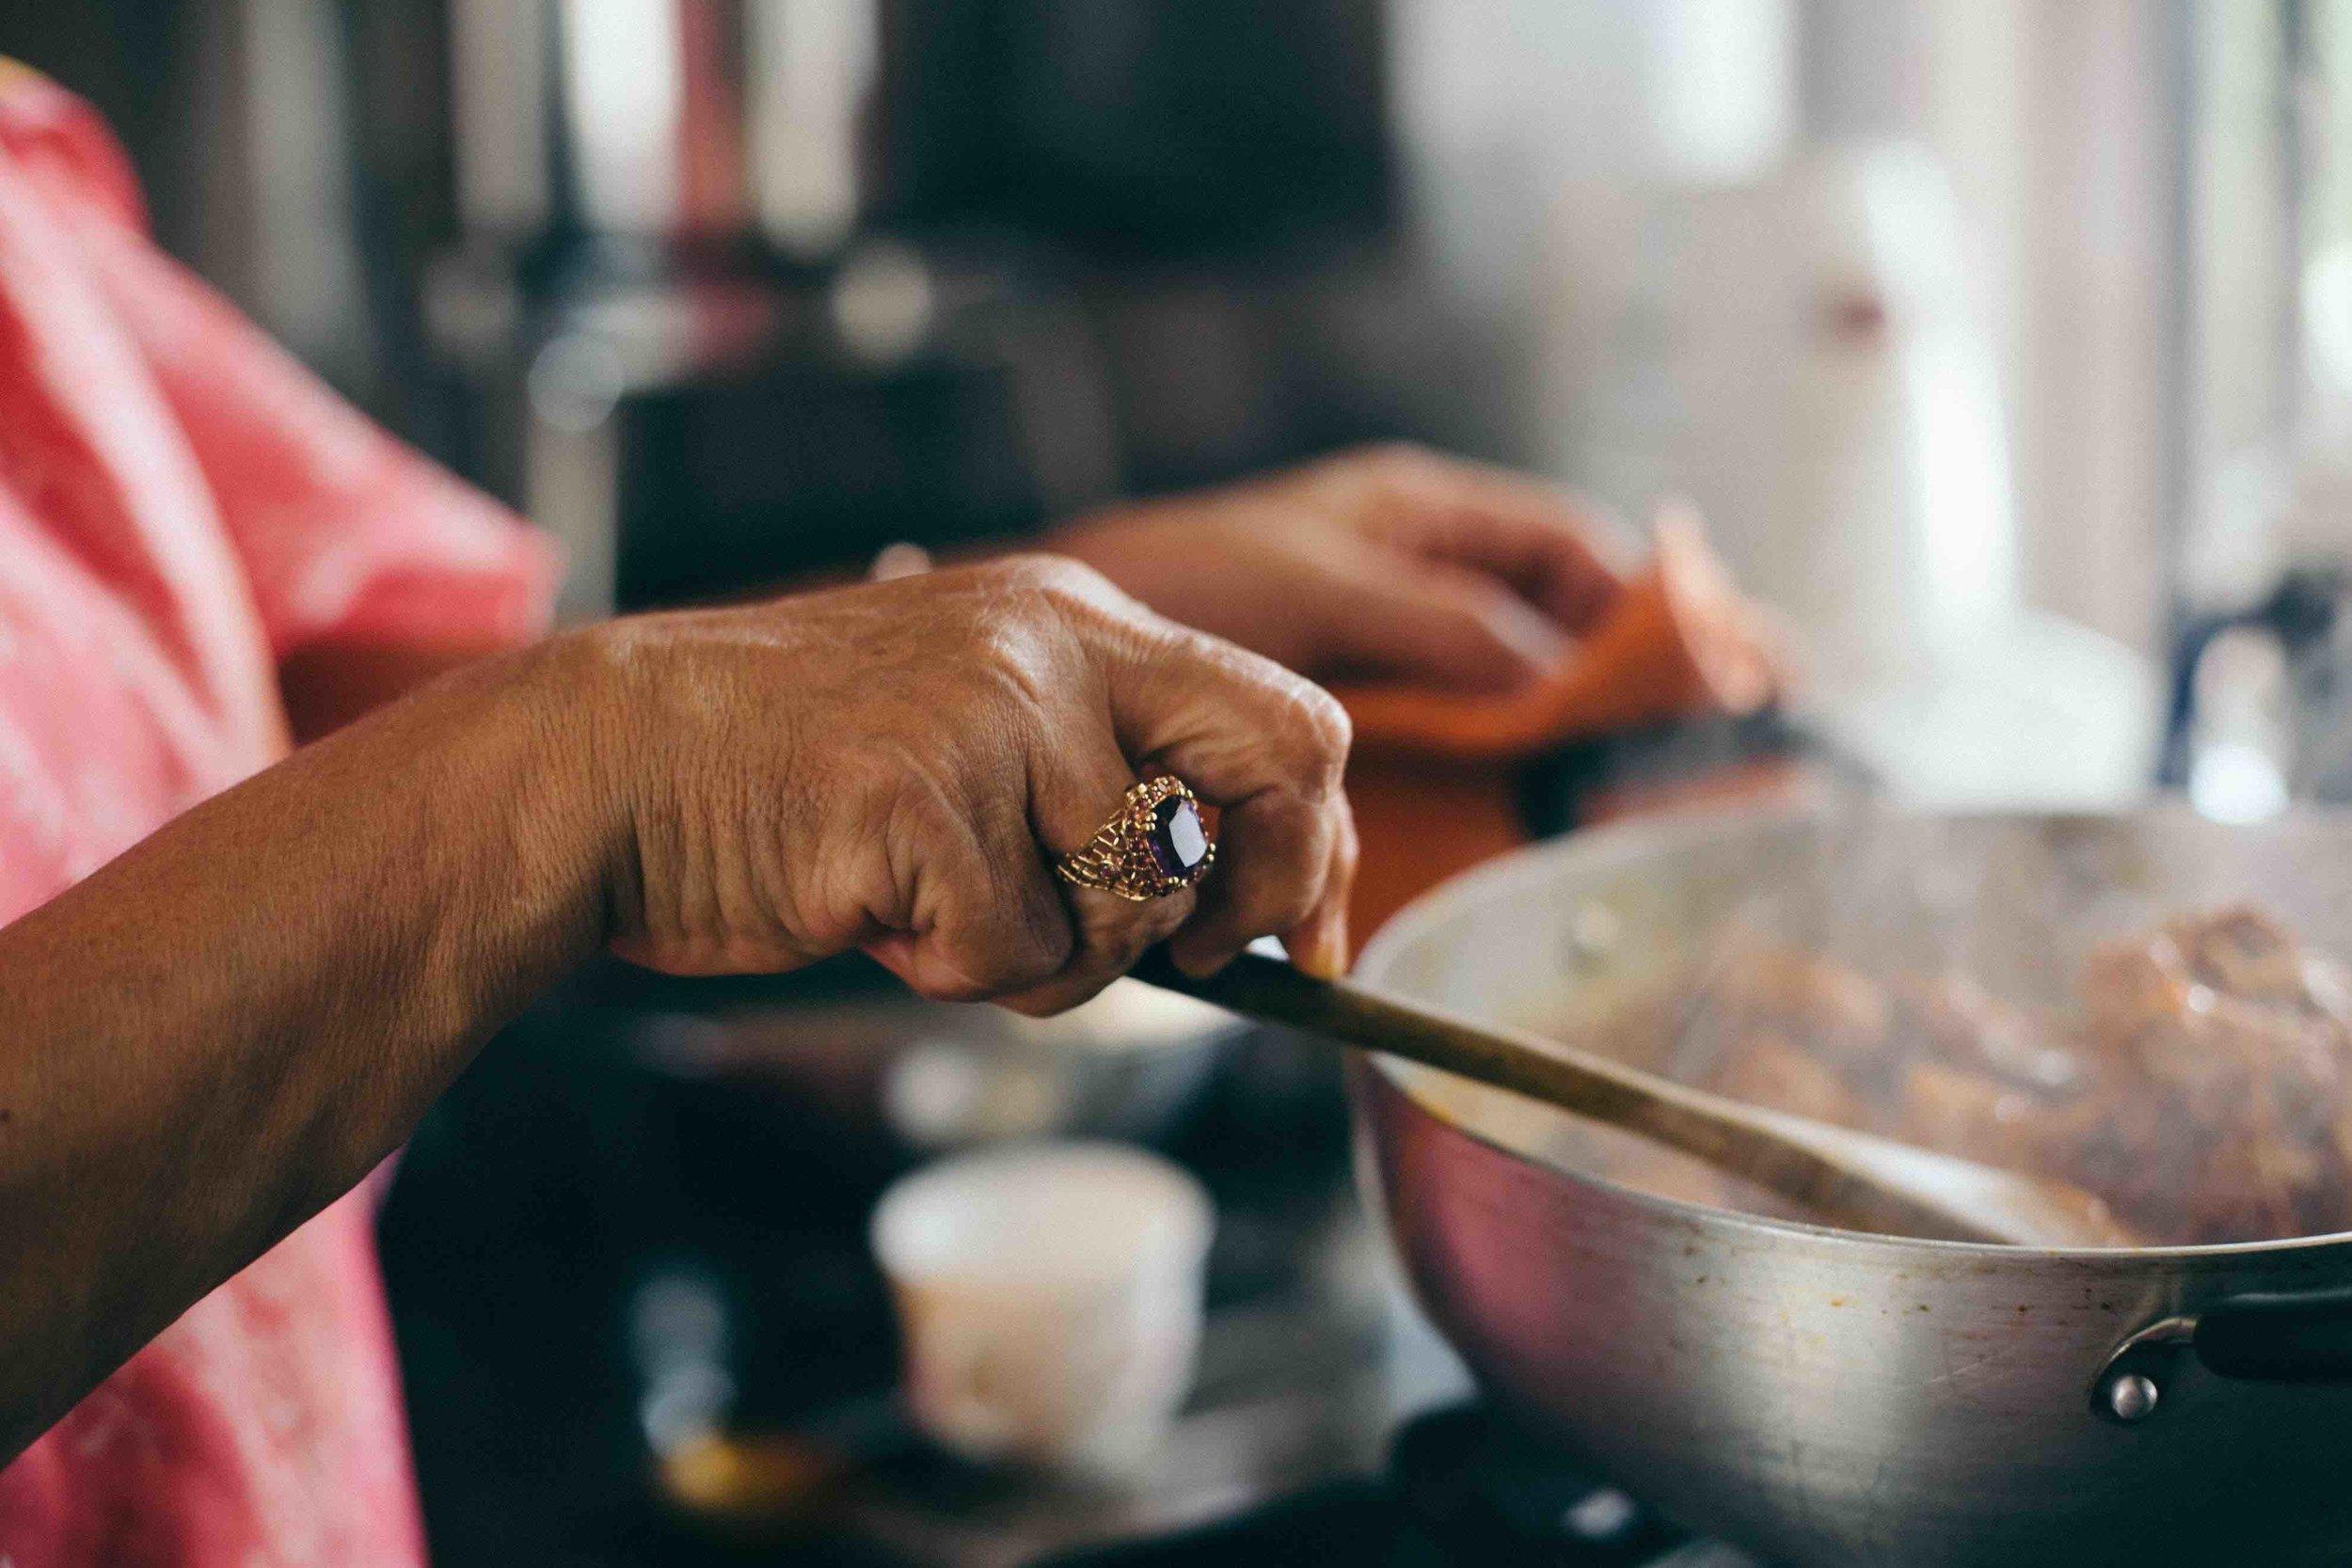 1000 kitchens rafia chicken fry recipe